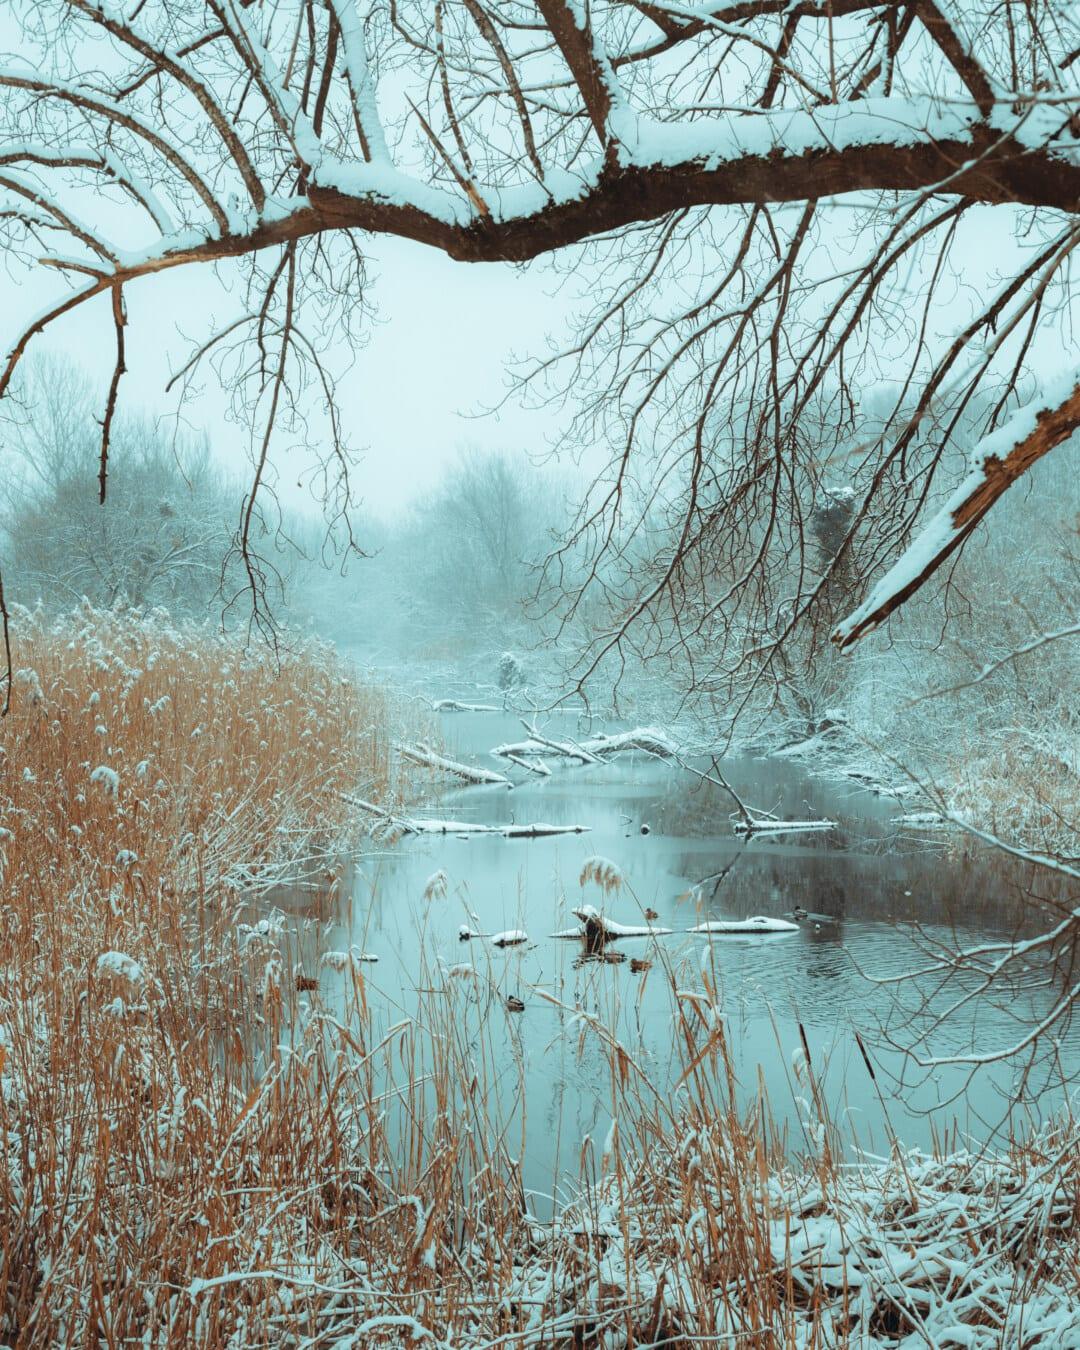 Sumpf, Winter, Feuchtgebiet, schneebedeckt, Kälte, Schnee, Wald, Landschaft, Frost, Holz